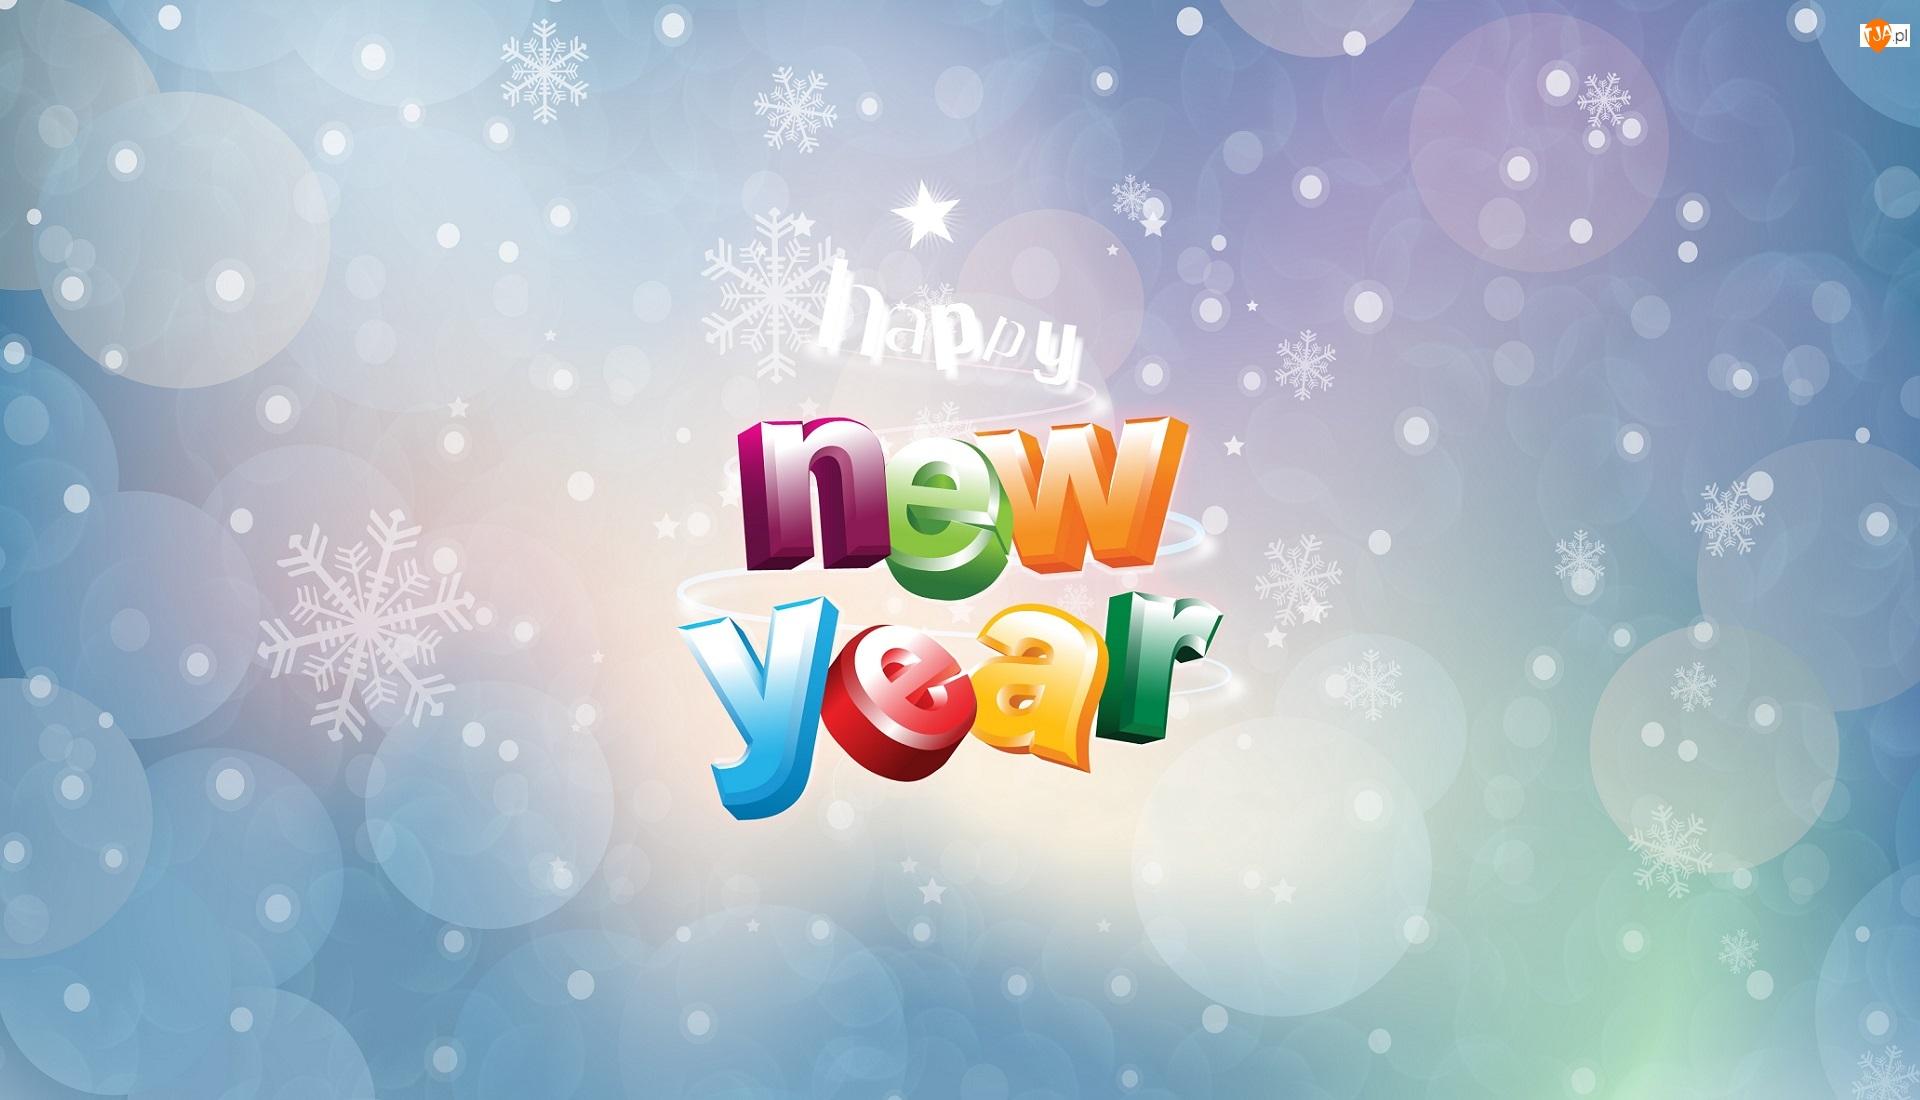 Sylwester, Napis, Szczęśliwego Nowego Roku, Gwiazdki